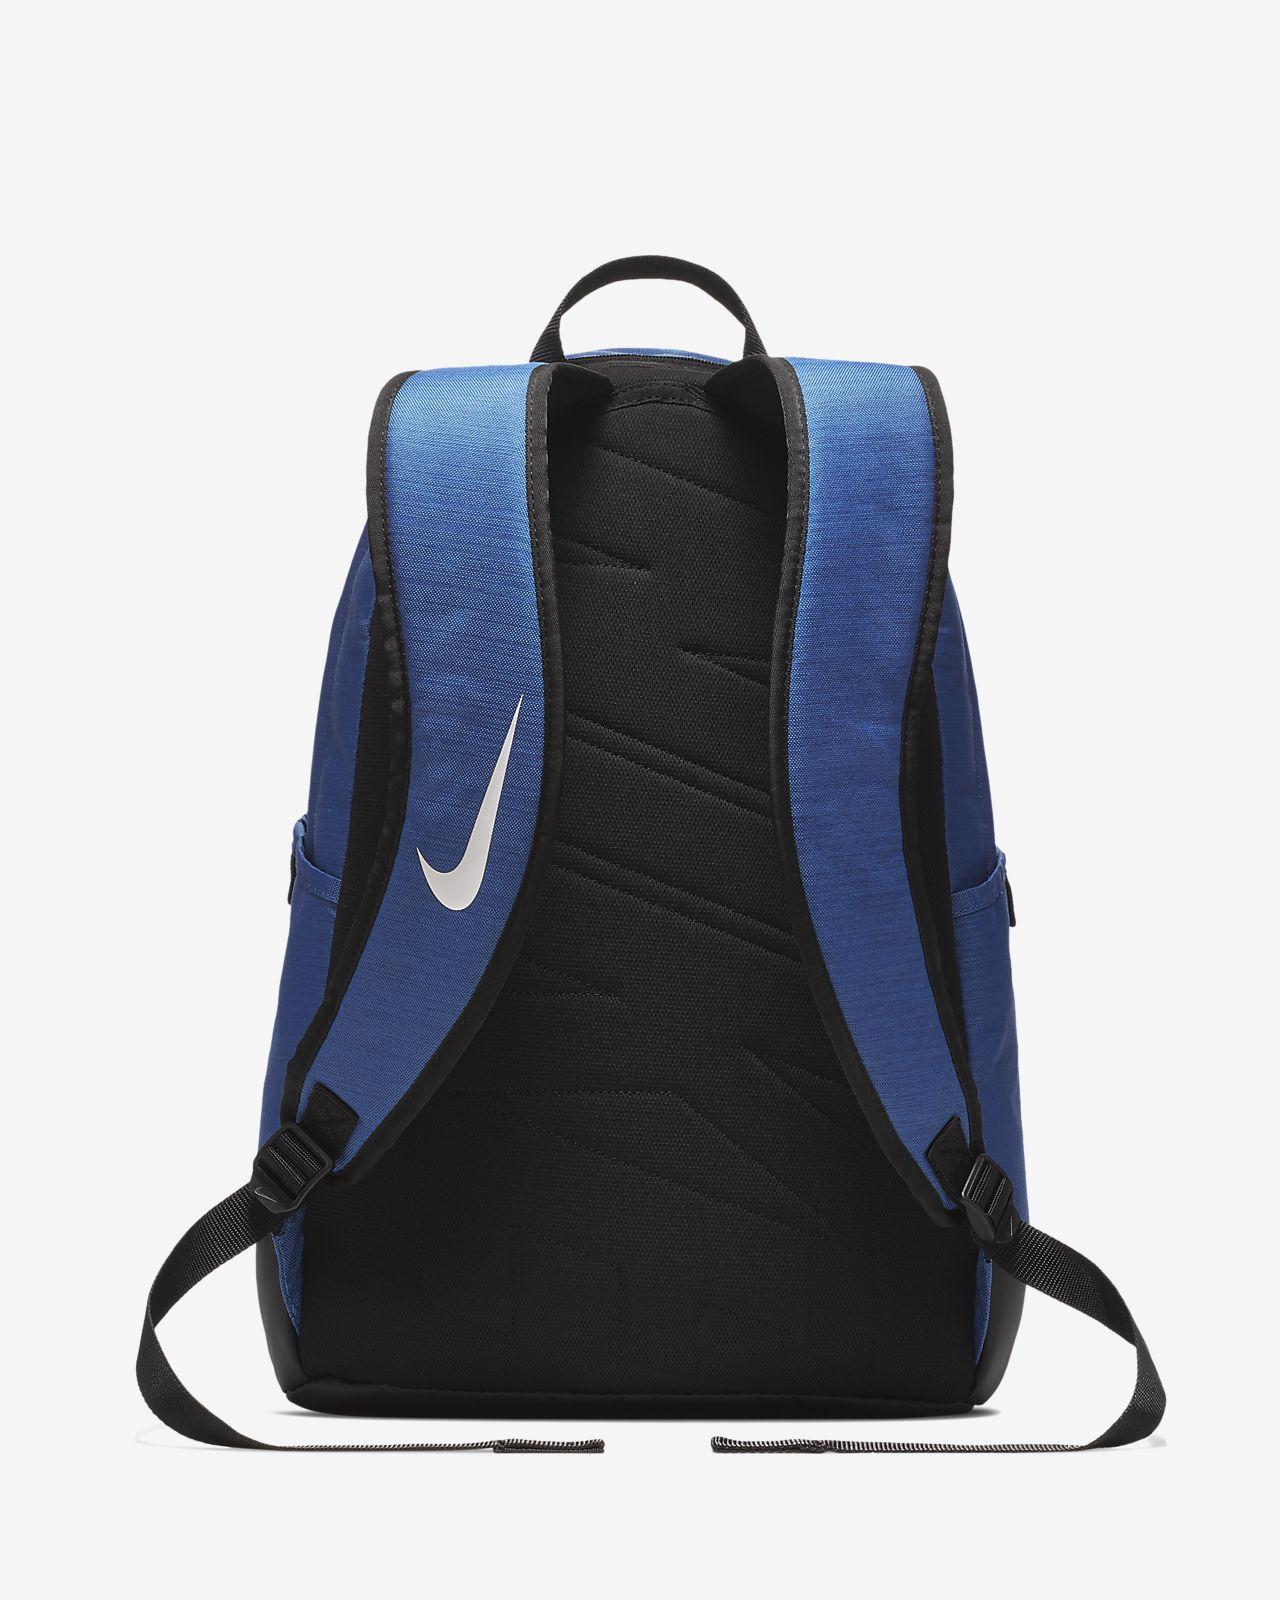 5cab48d9b06 Nike Brasilia Training Backpack (Extra Large)